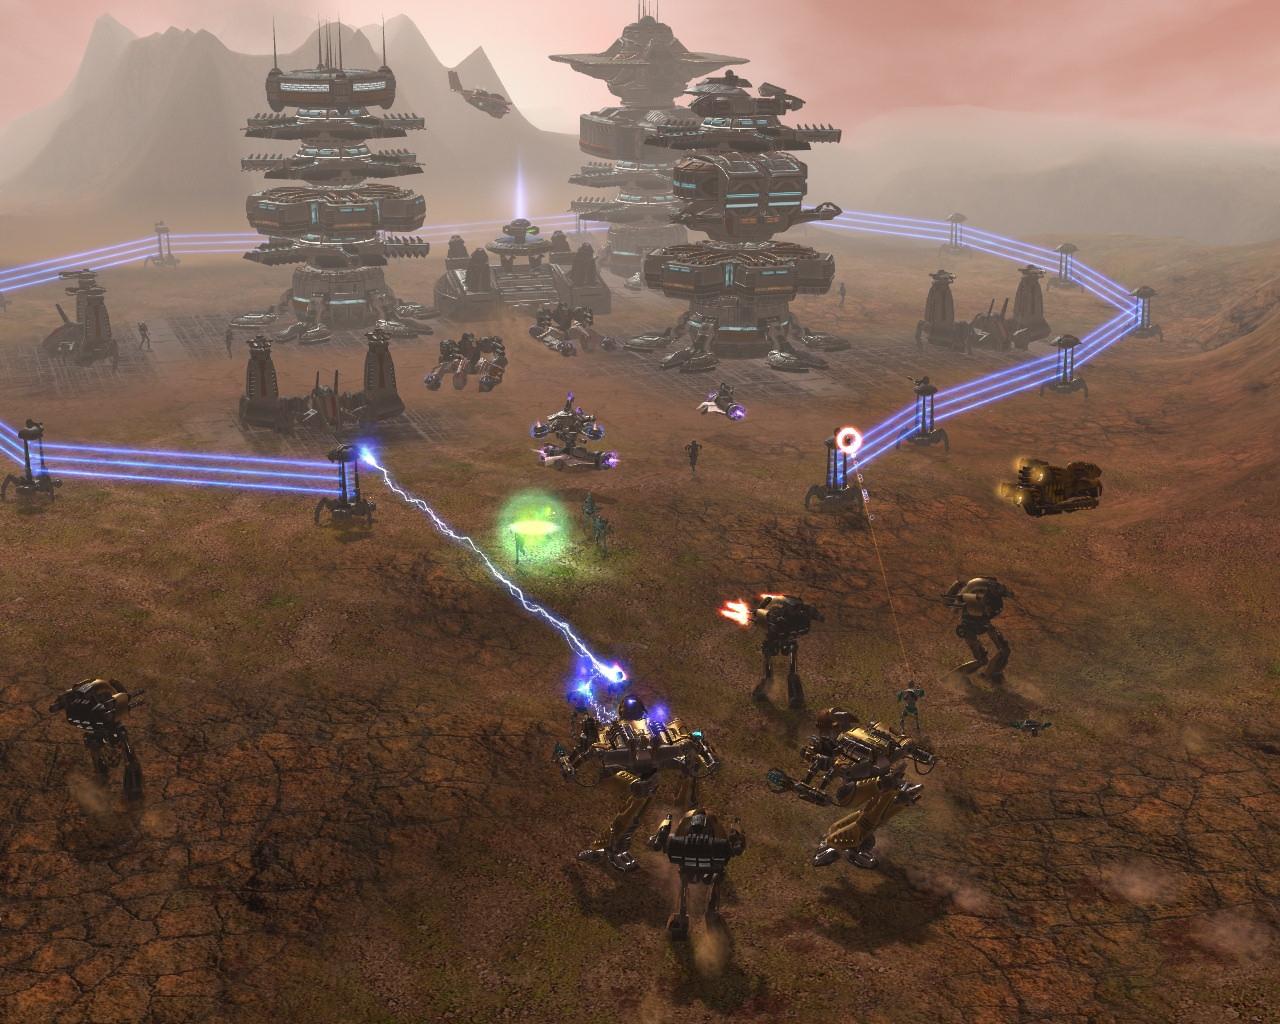 best base building games mobile